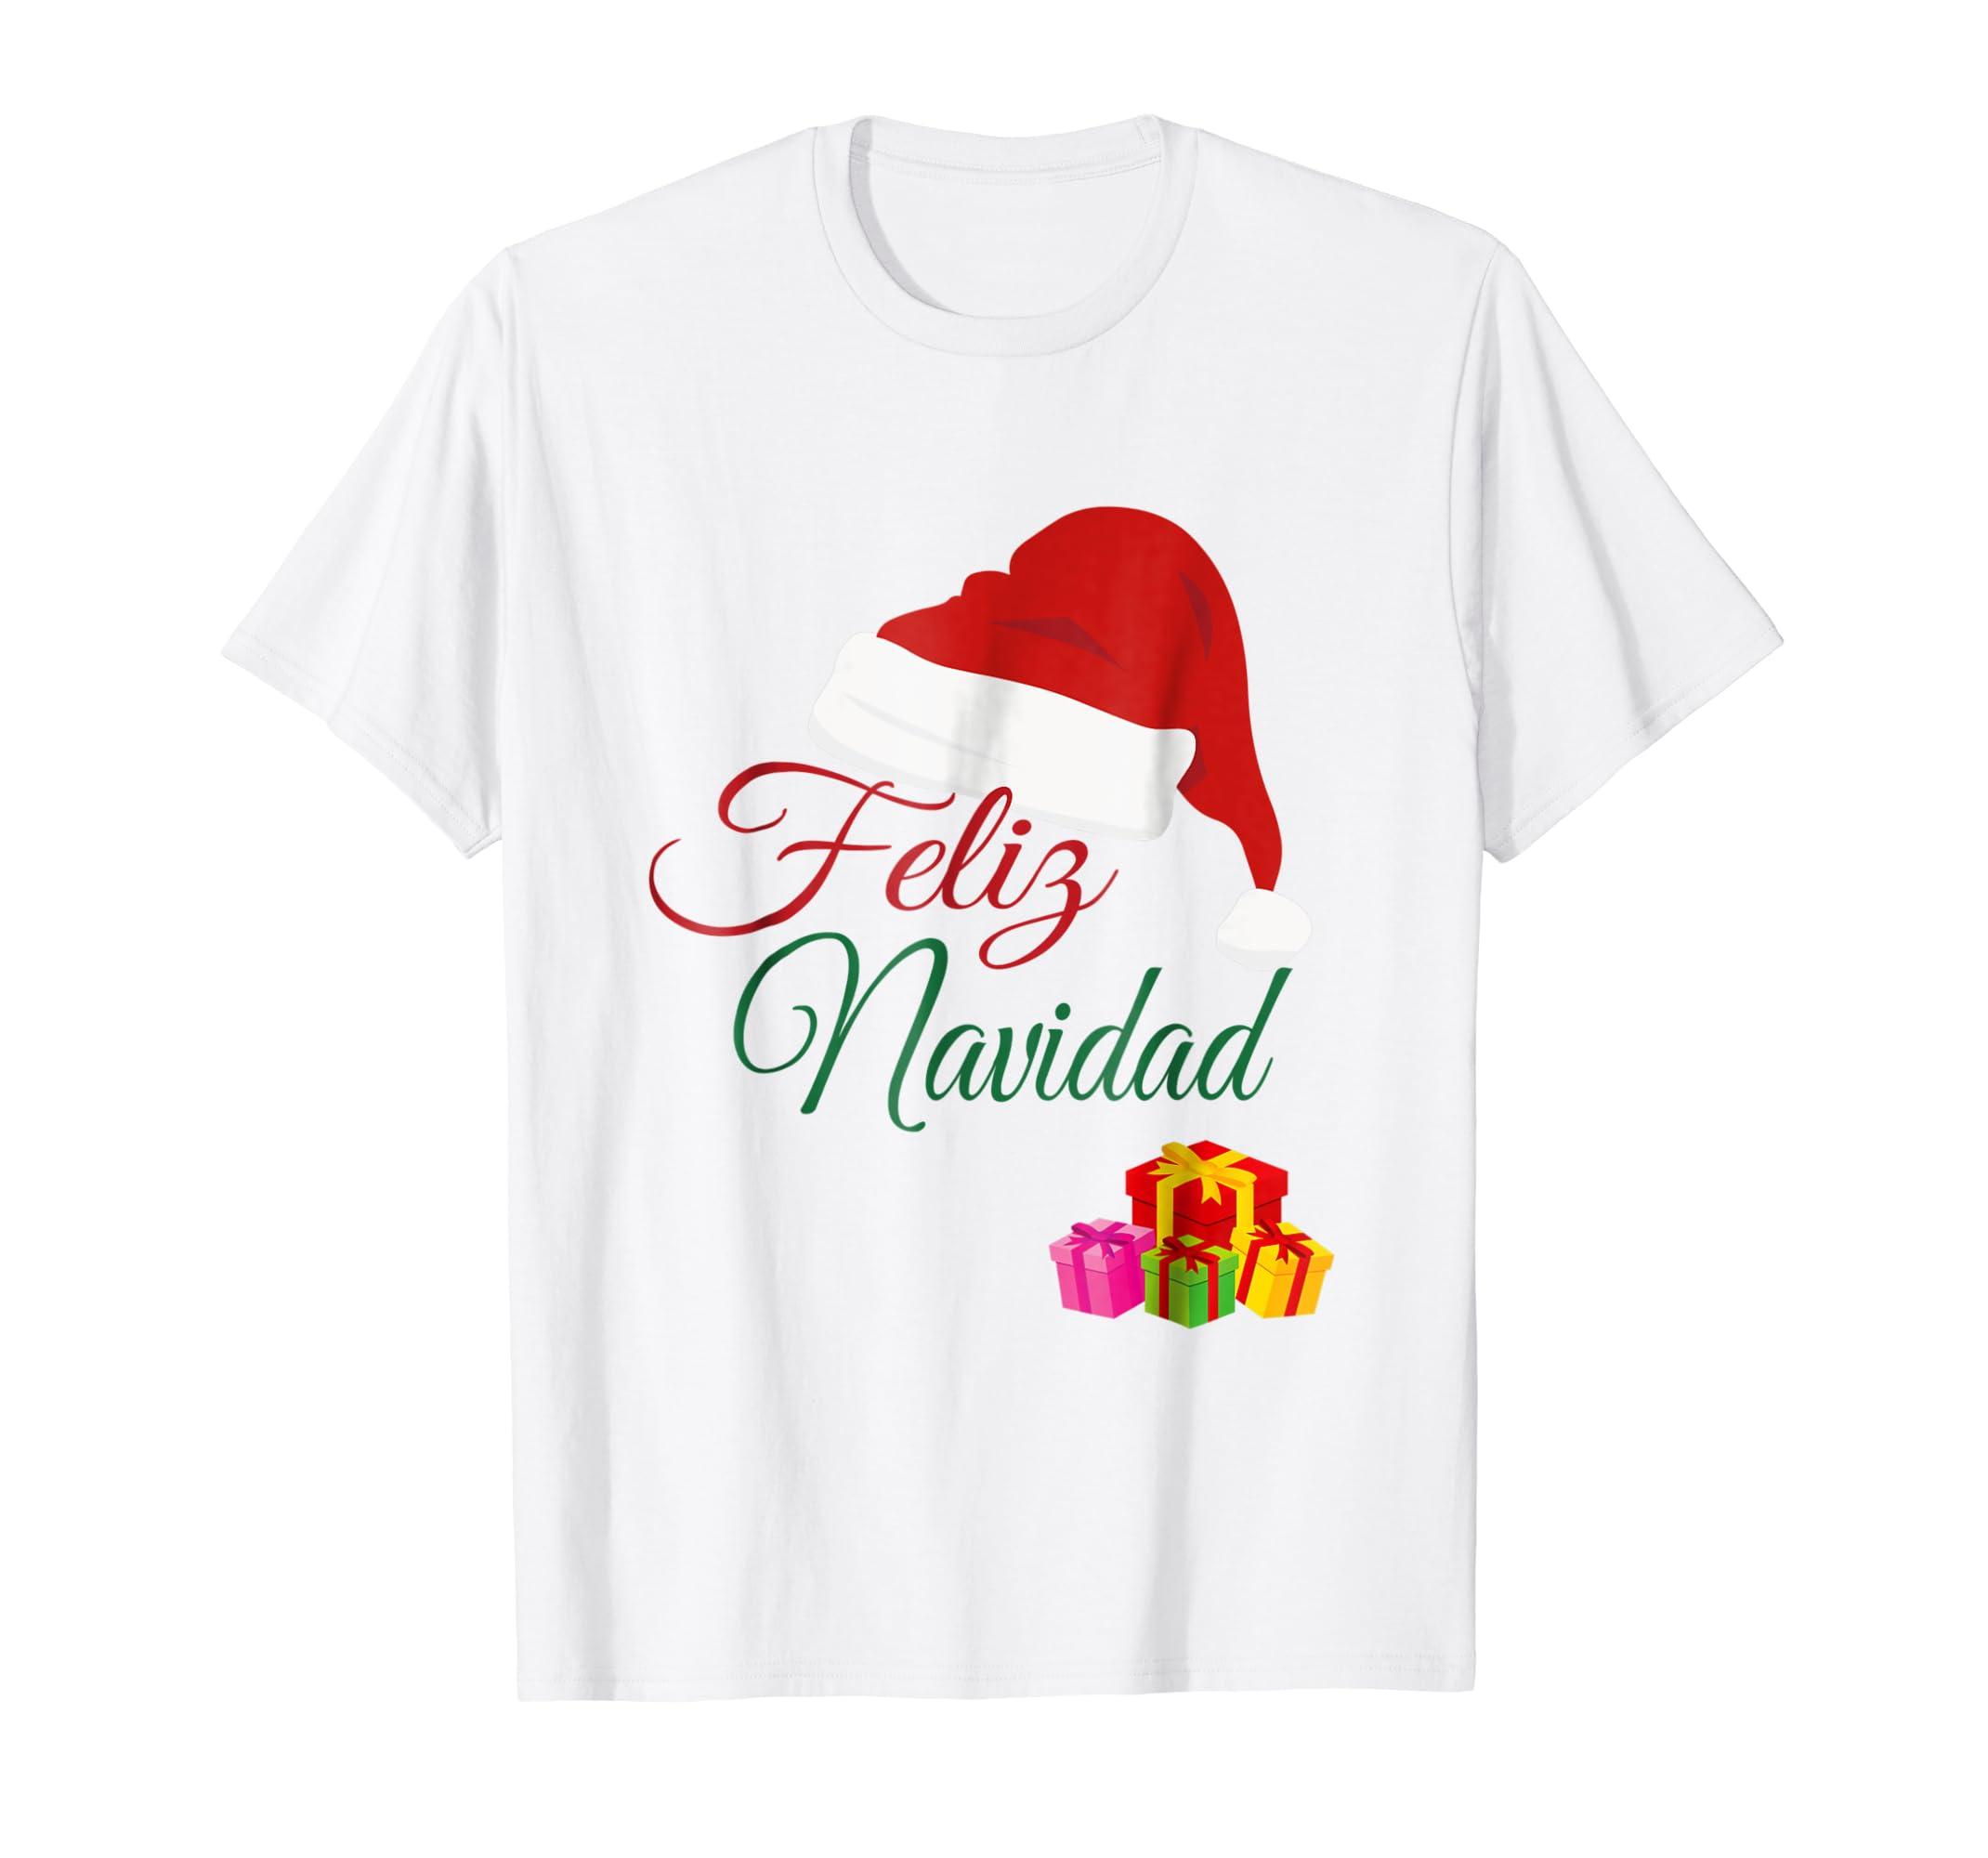 Amazon.com: Feliz Navidad Camiseta Navidena En Espanol Para Regalo: Clothing